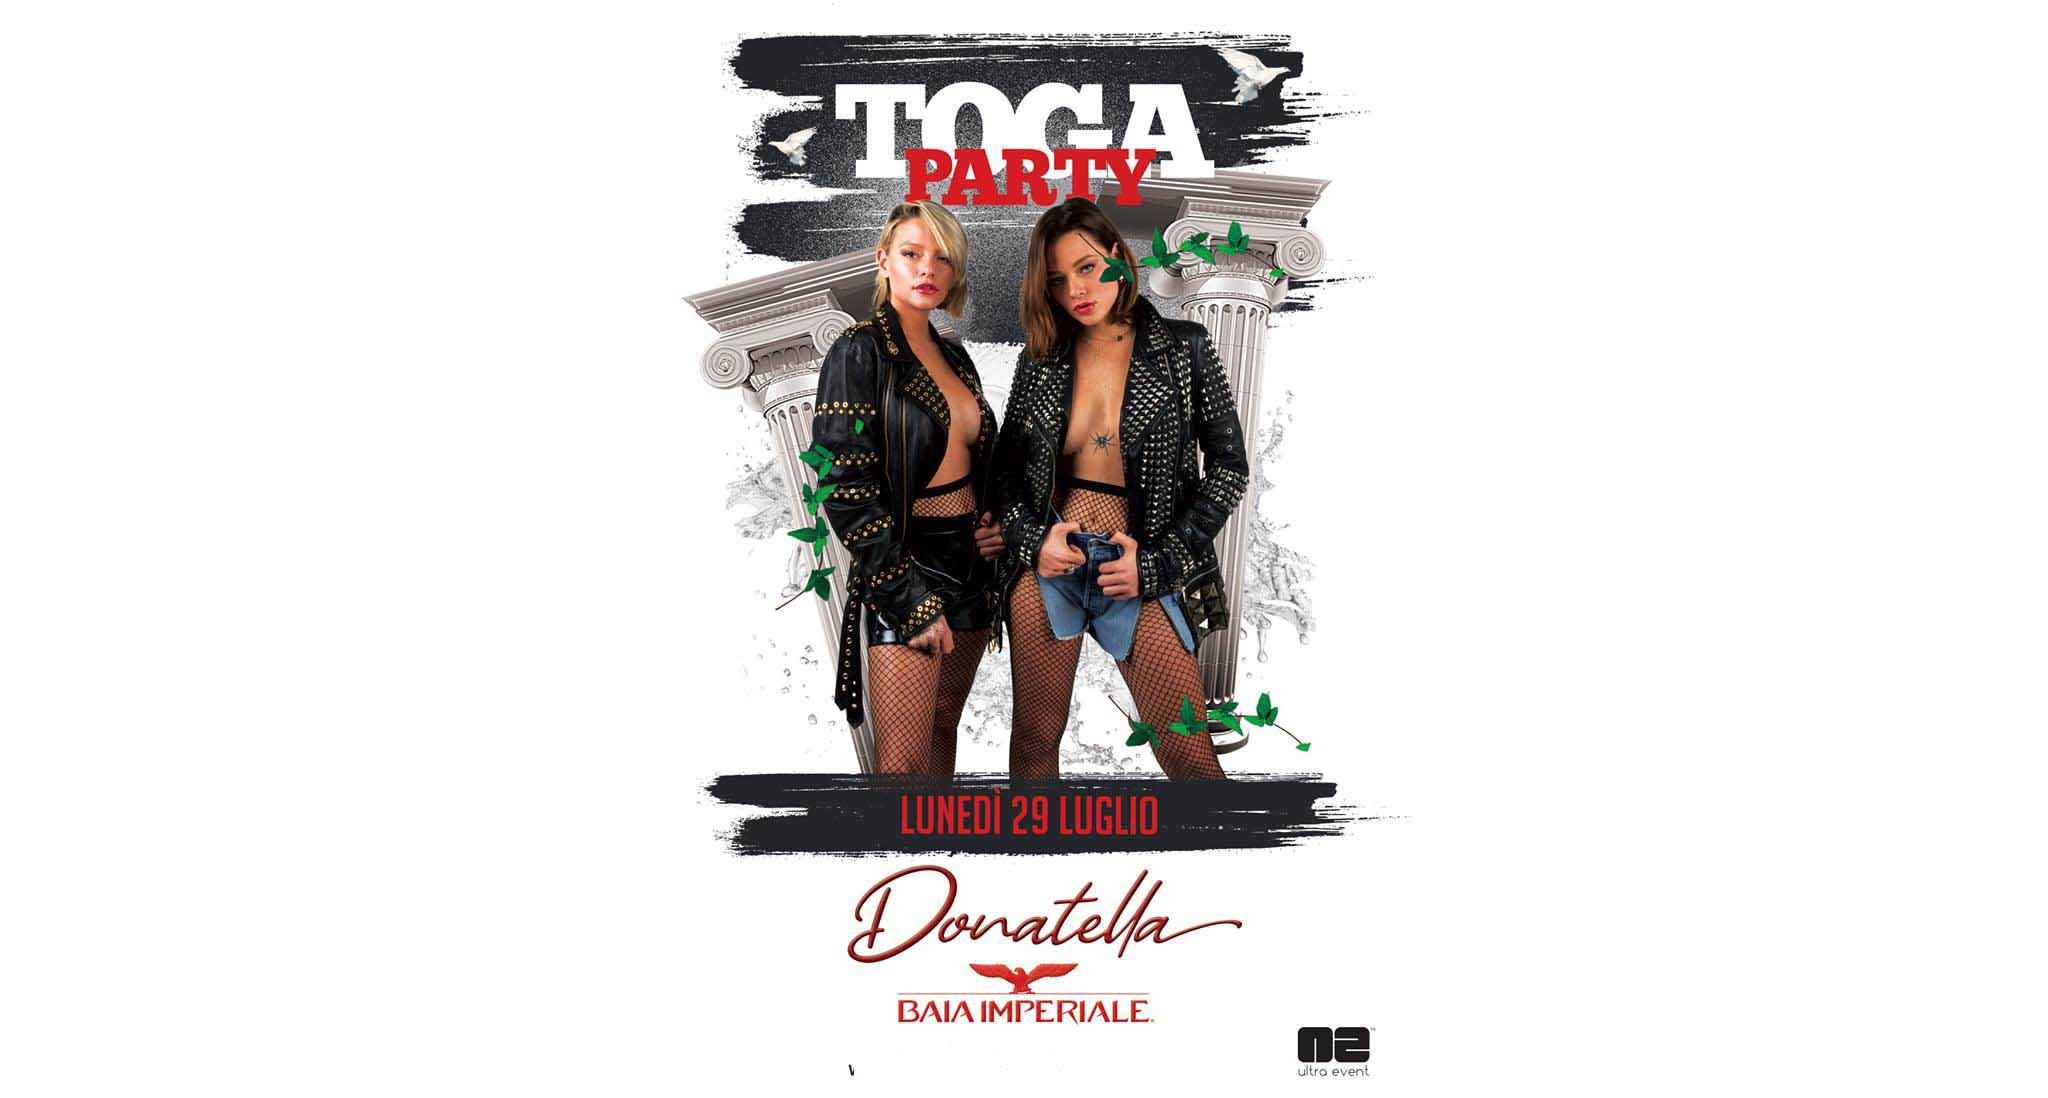 Baia Imperiale – Toga Party – Lunedì 29 Luglio 2019 –  Ticket-Biglietti 18app – Tavoli – Pacchetti Hotel